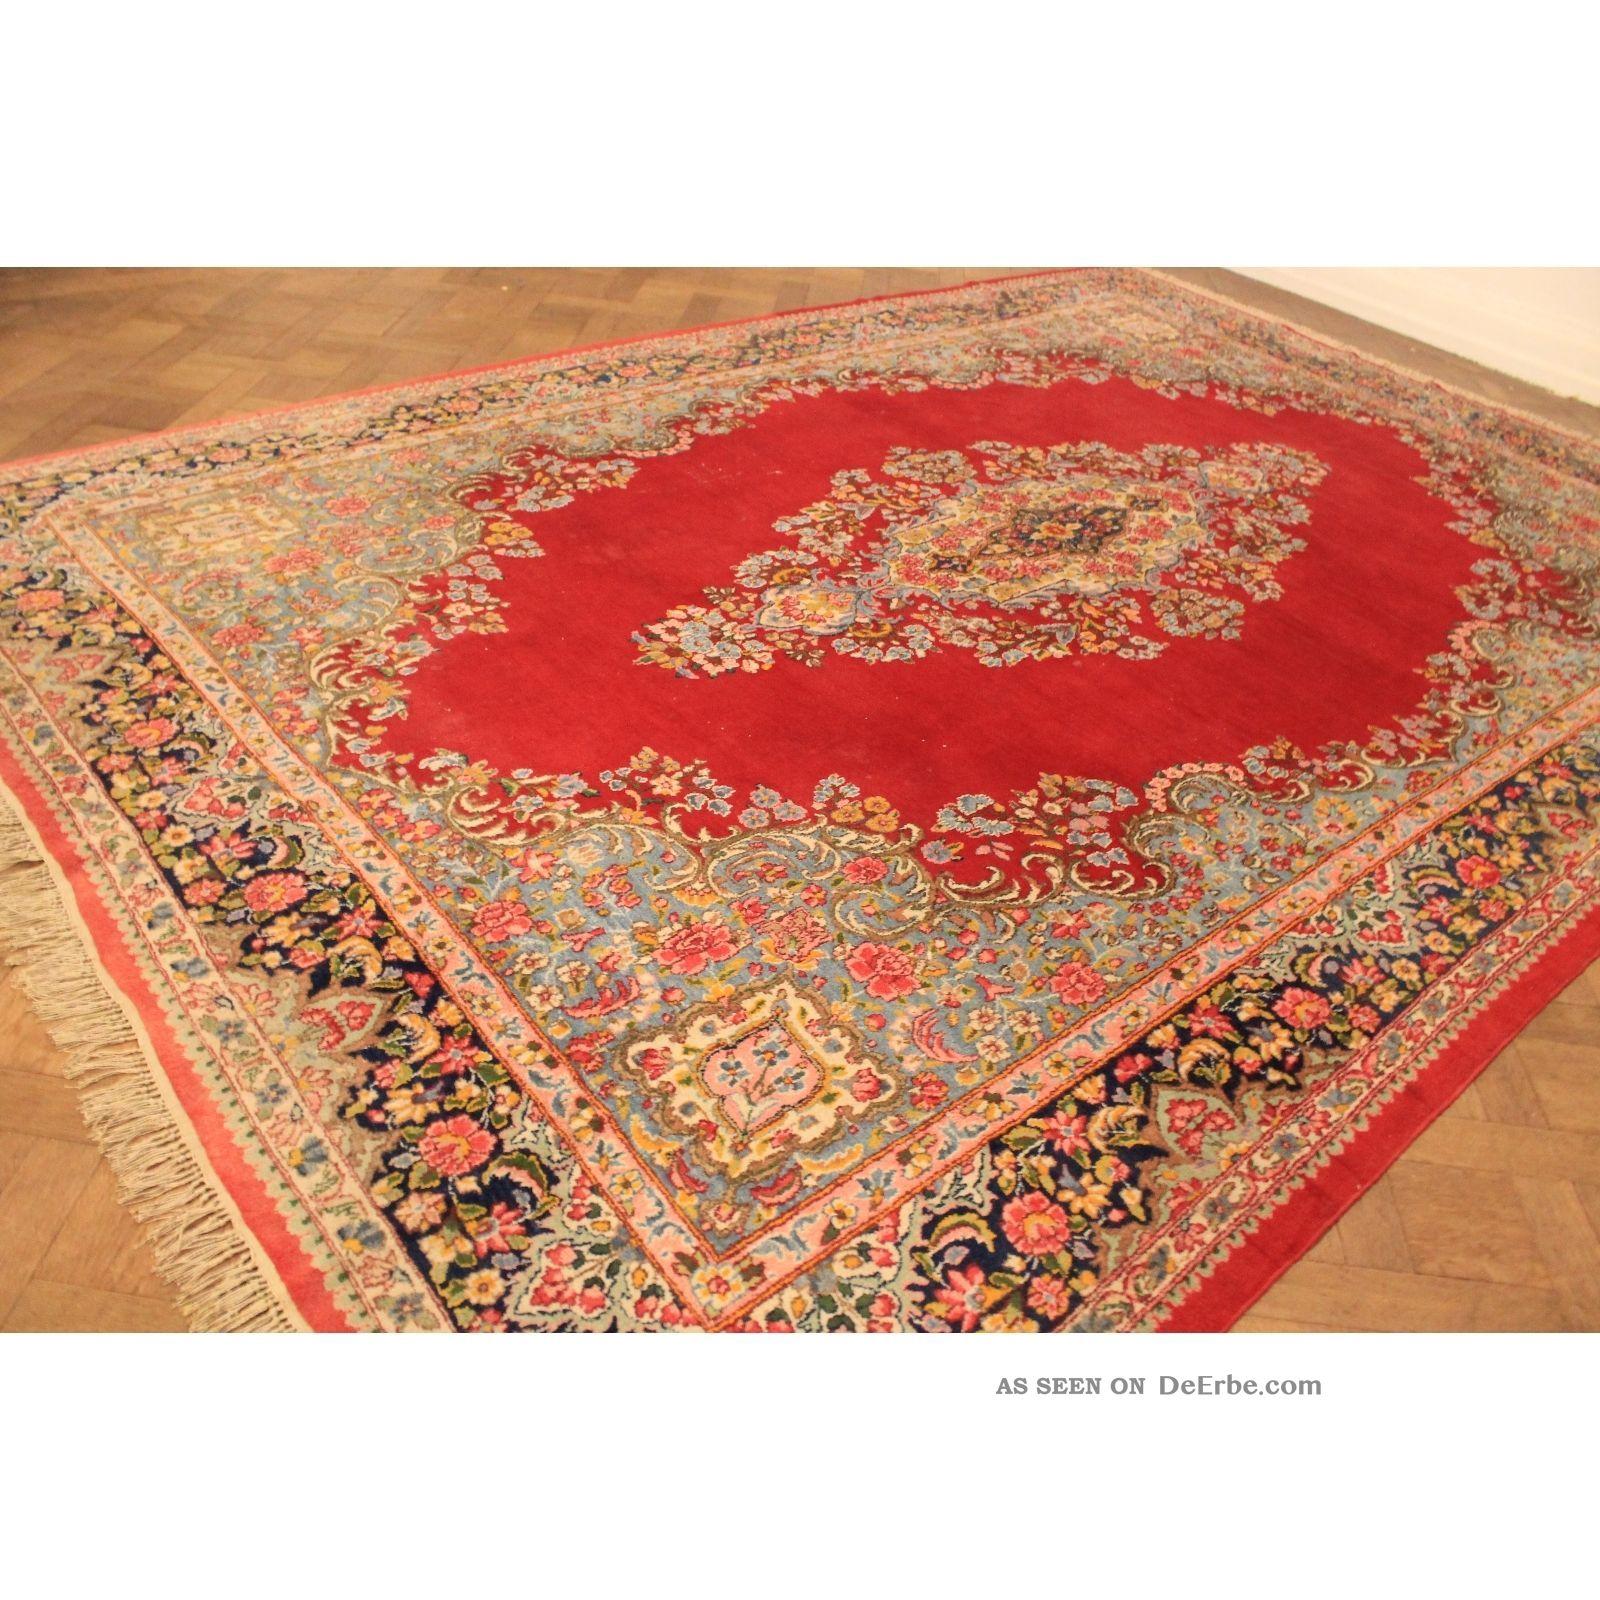 majest tischer handgekn pfter spiegel royal palast orient teppich 270x400cm xxl. Black Bedroom Furniture Sets. Home Design Ideas